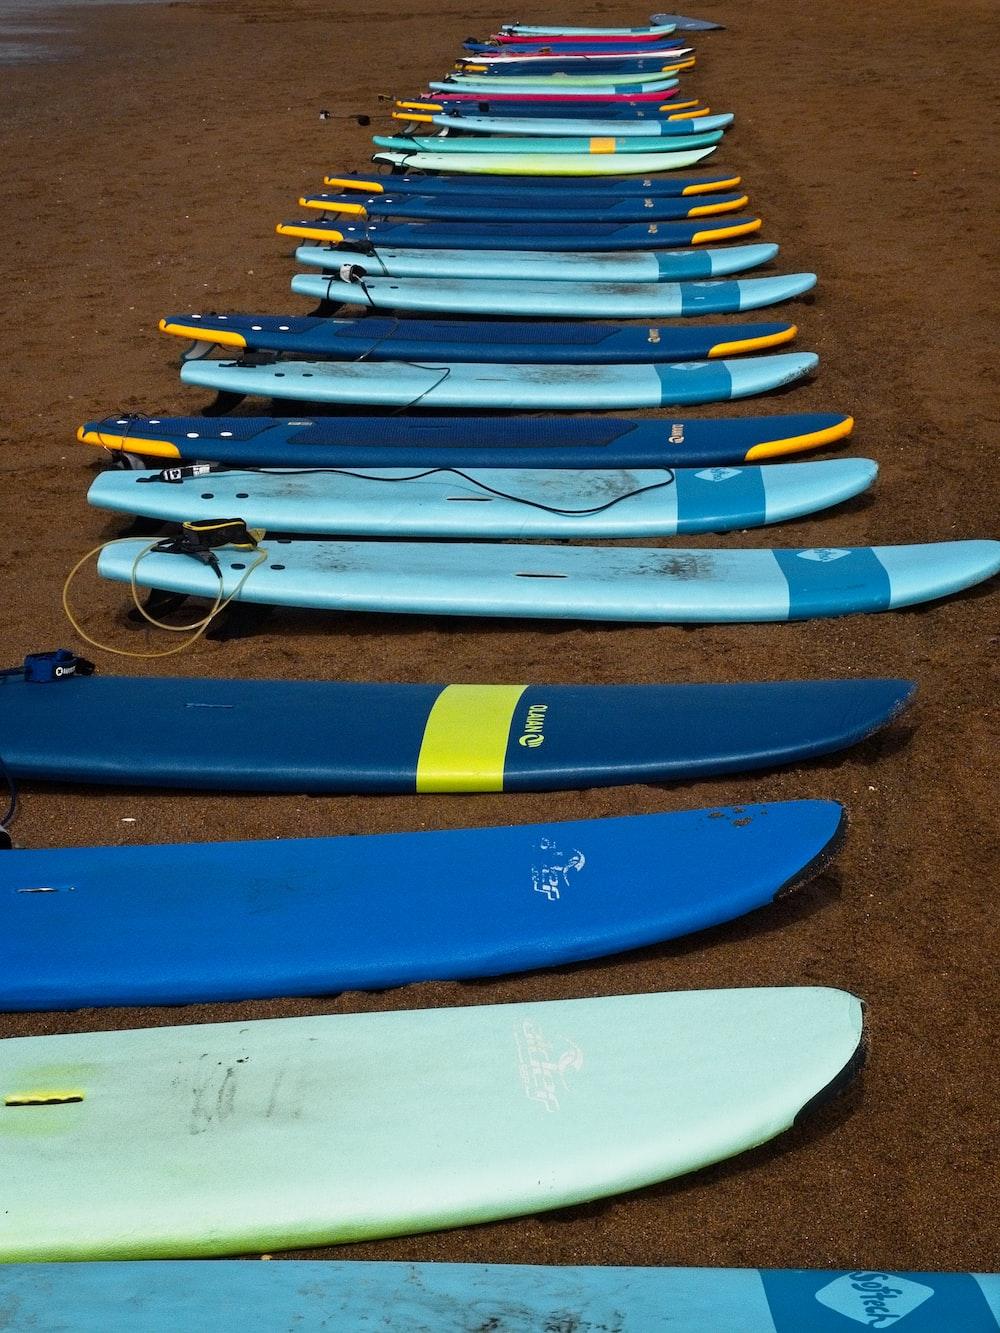 blue and yellow kayaks on brown sand